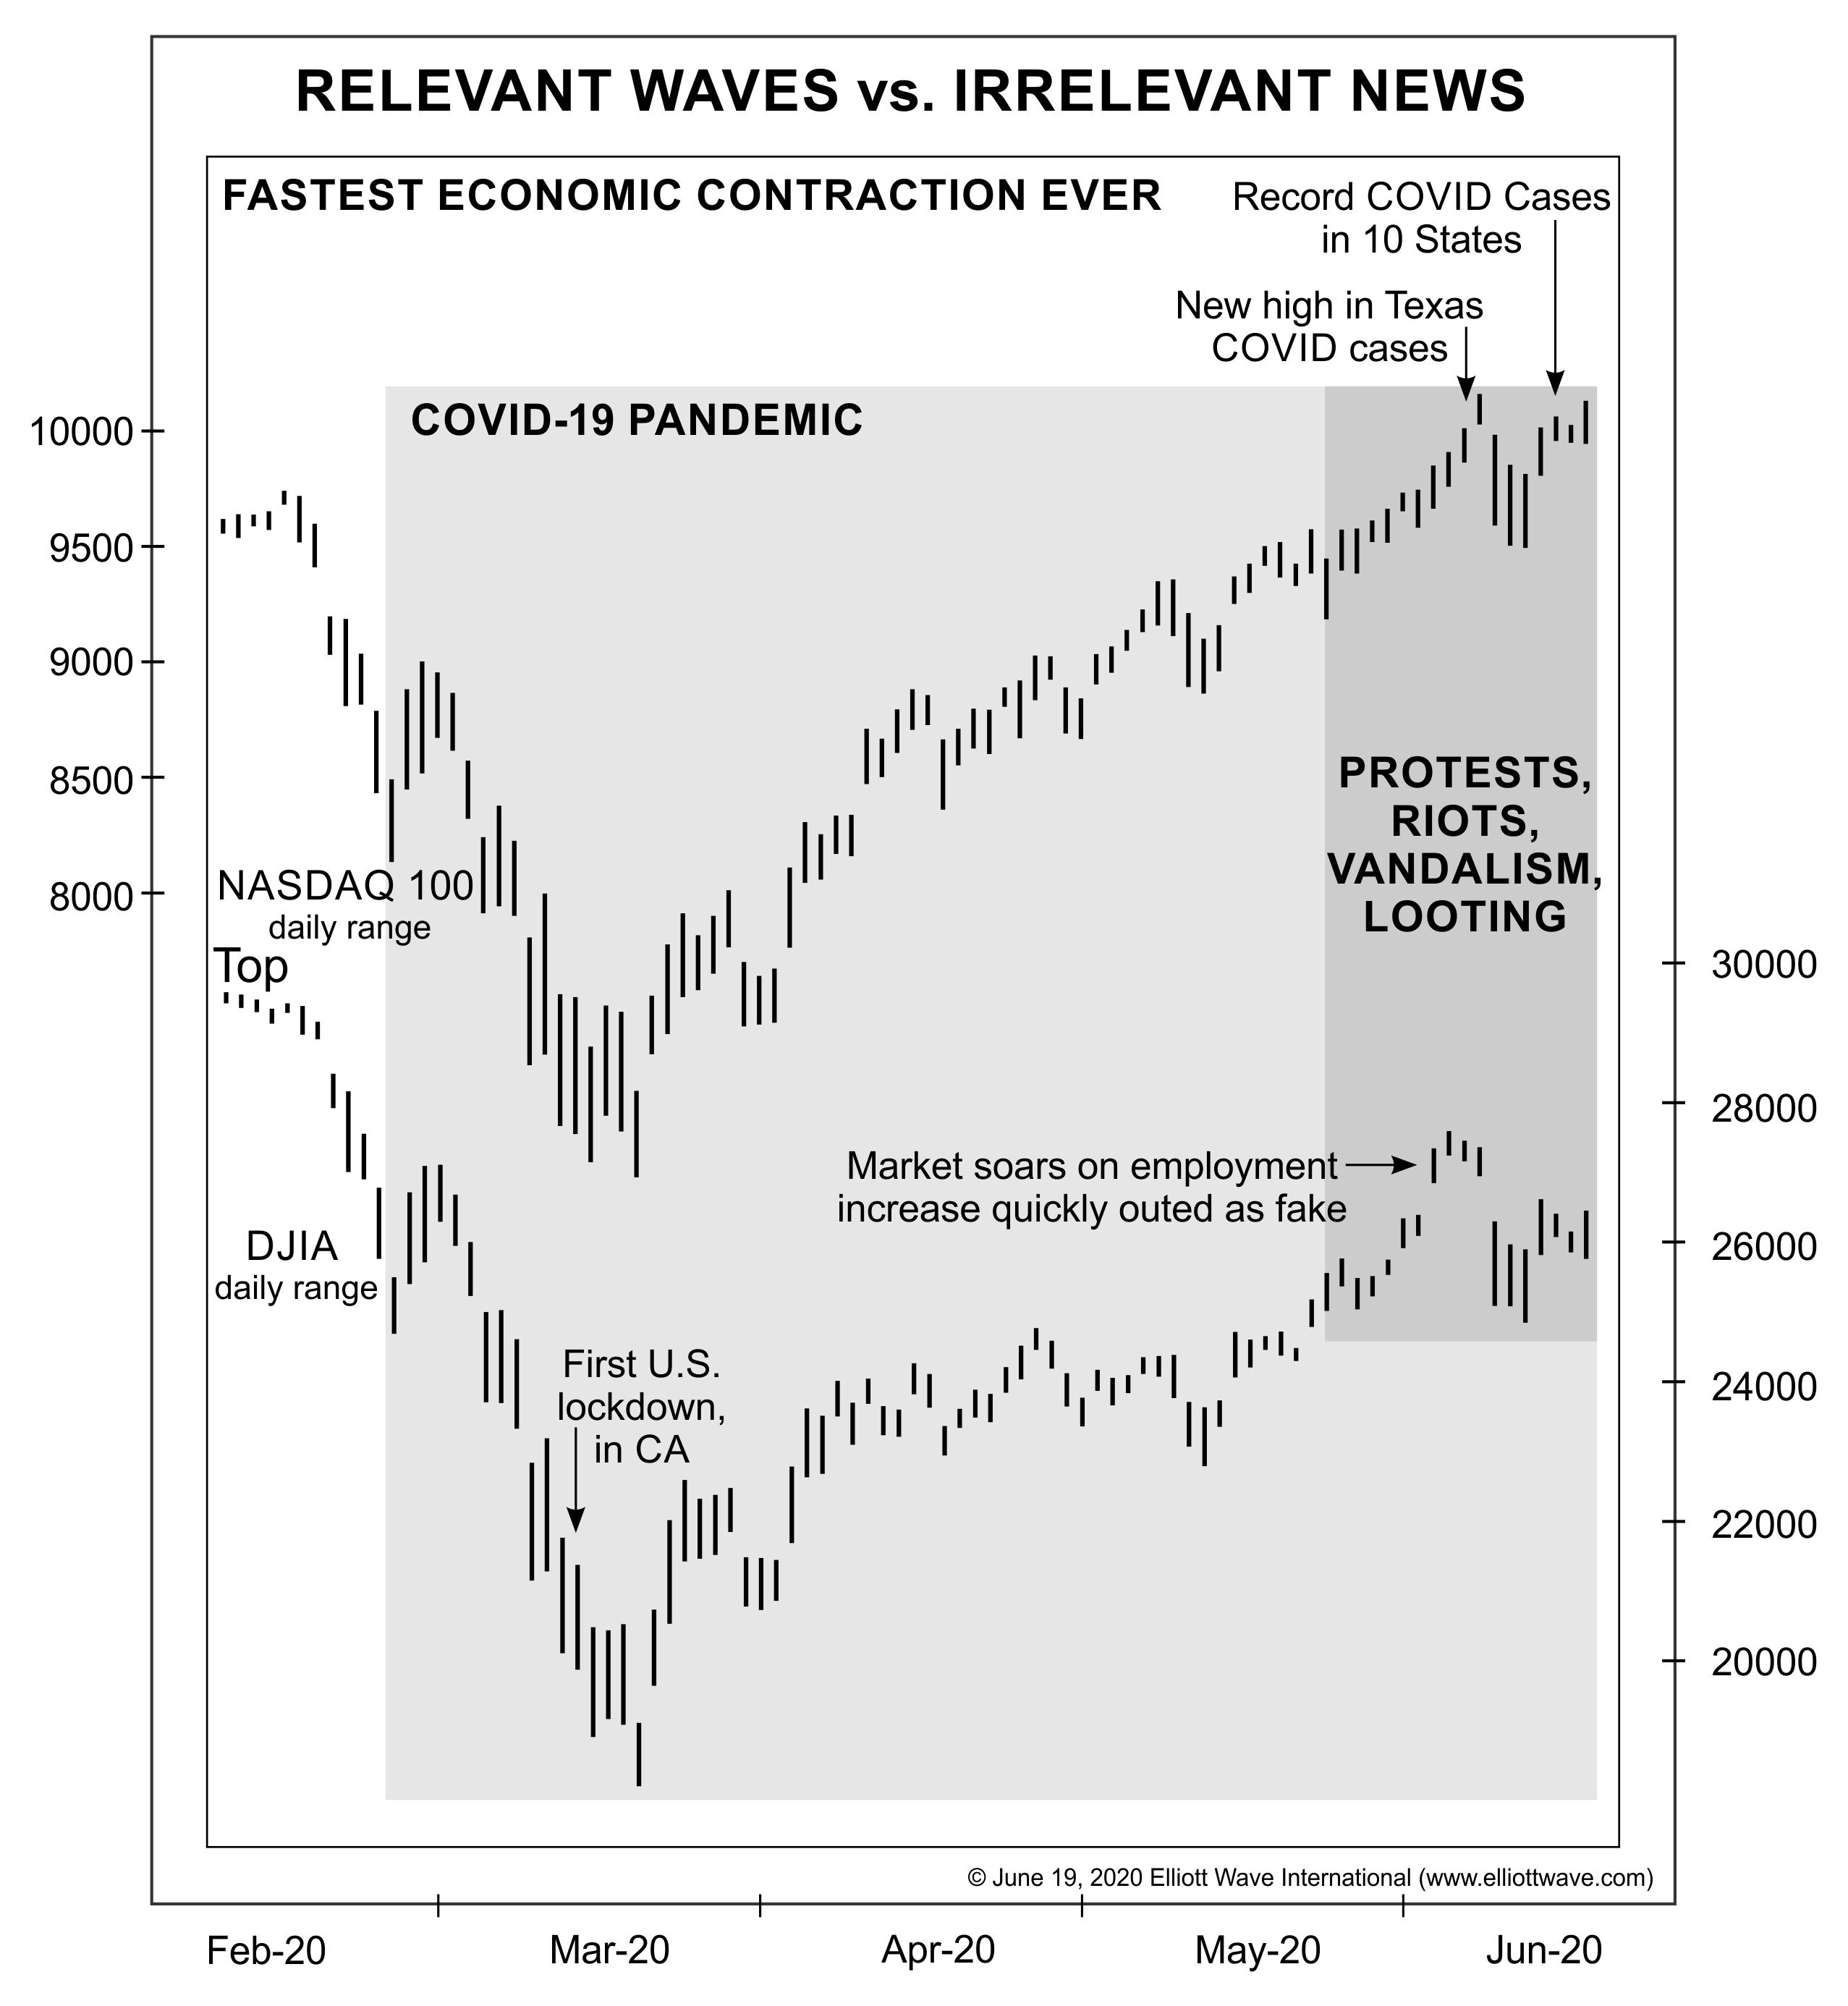 Фондовый рынок: «Релевантные волны против нерелевантных новостей» (перевод с elliottwave com)